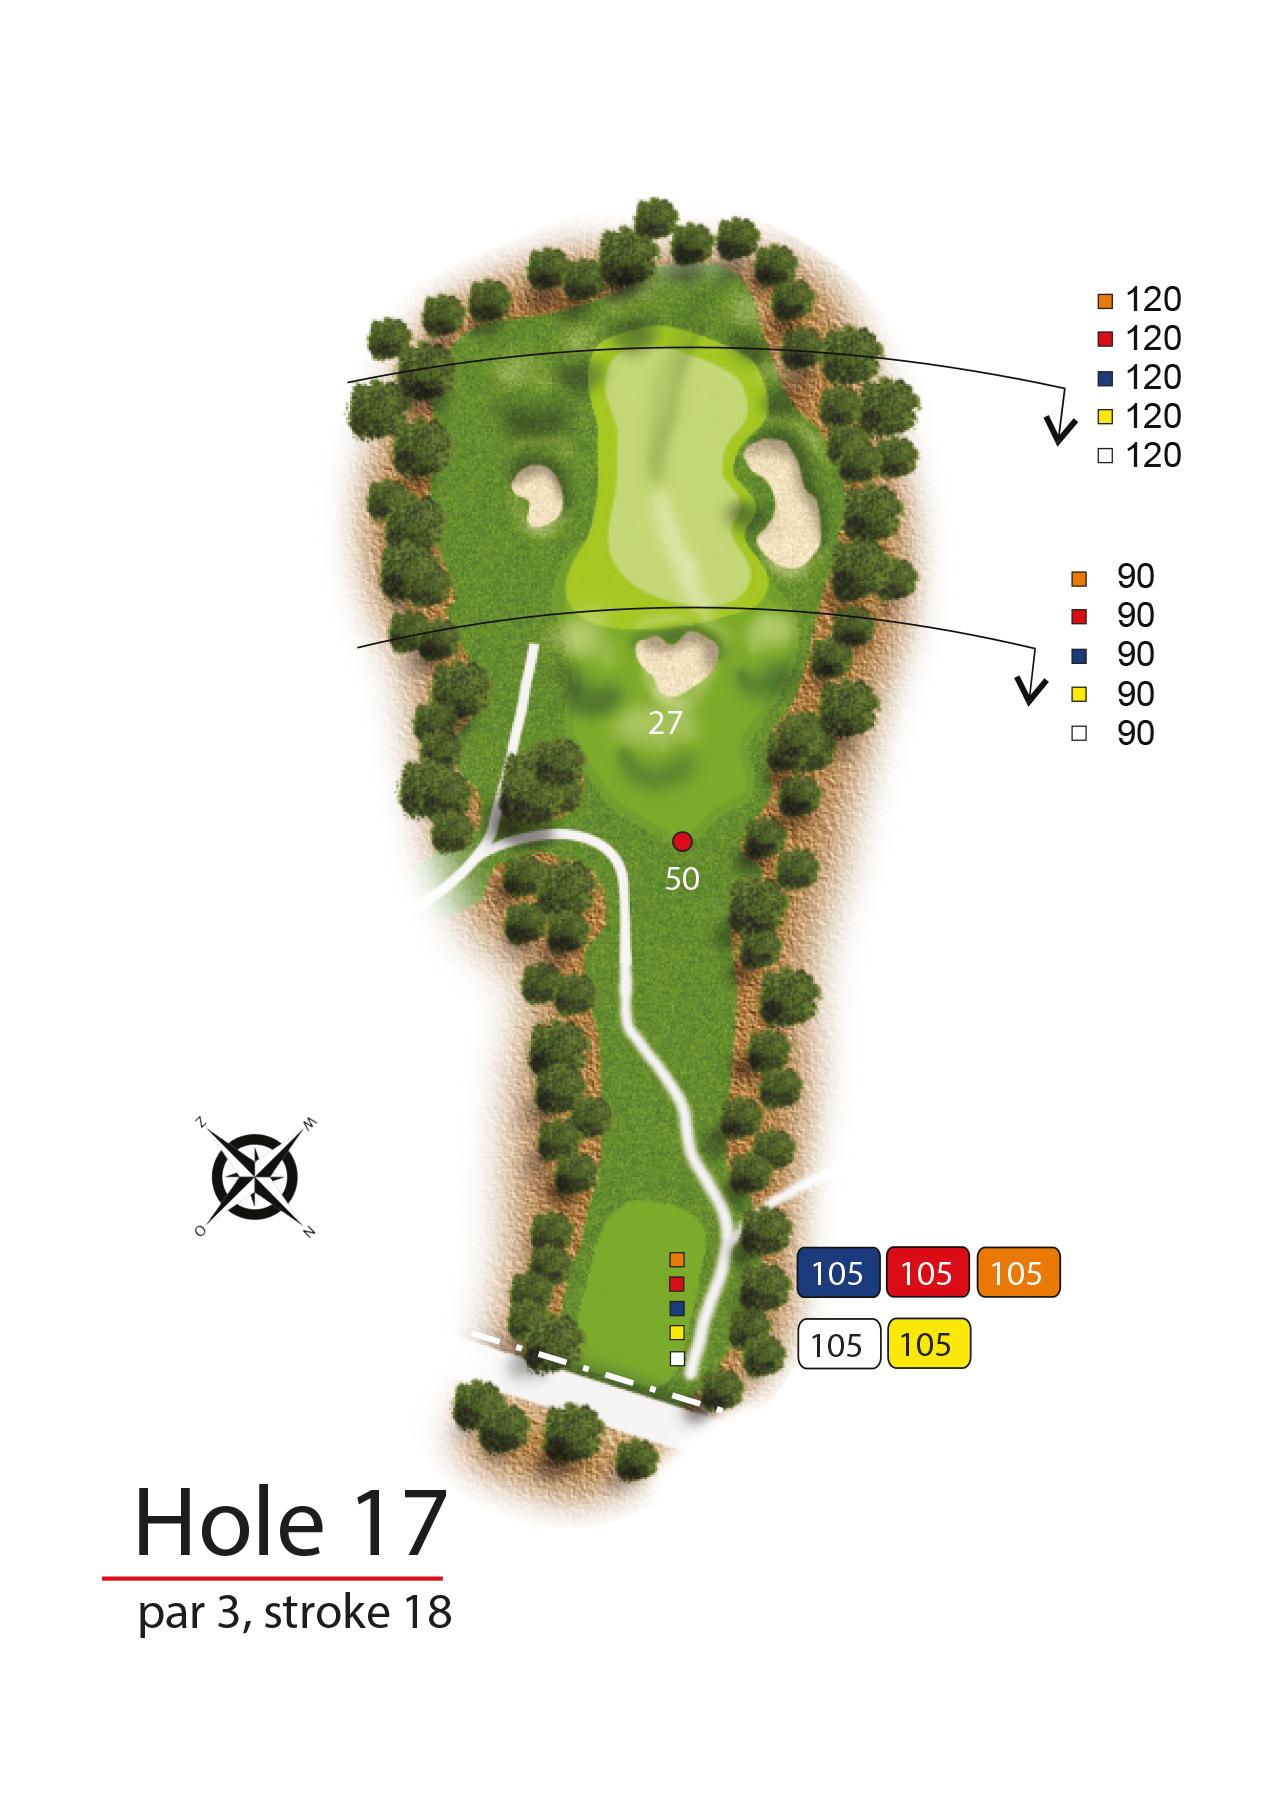 Hole 17 - simple